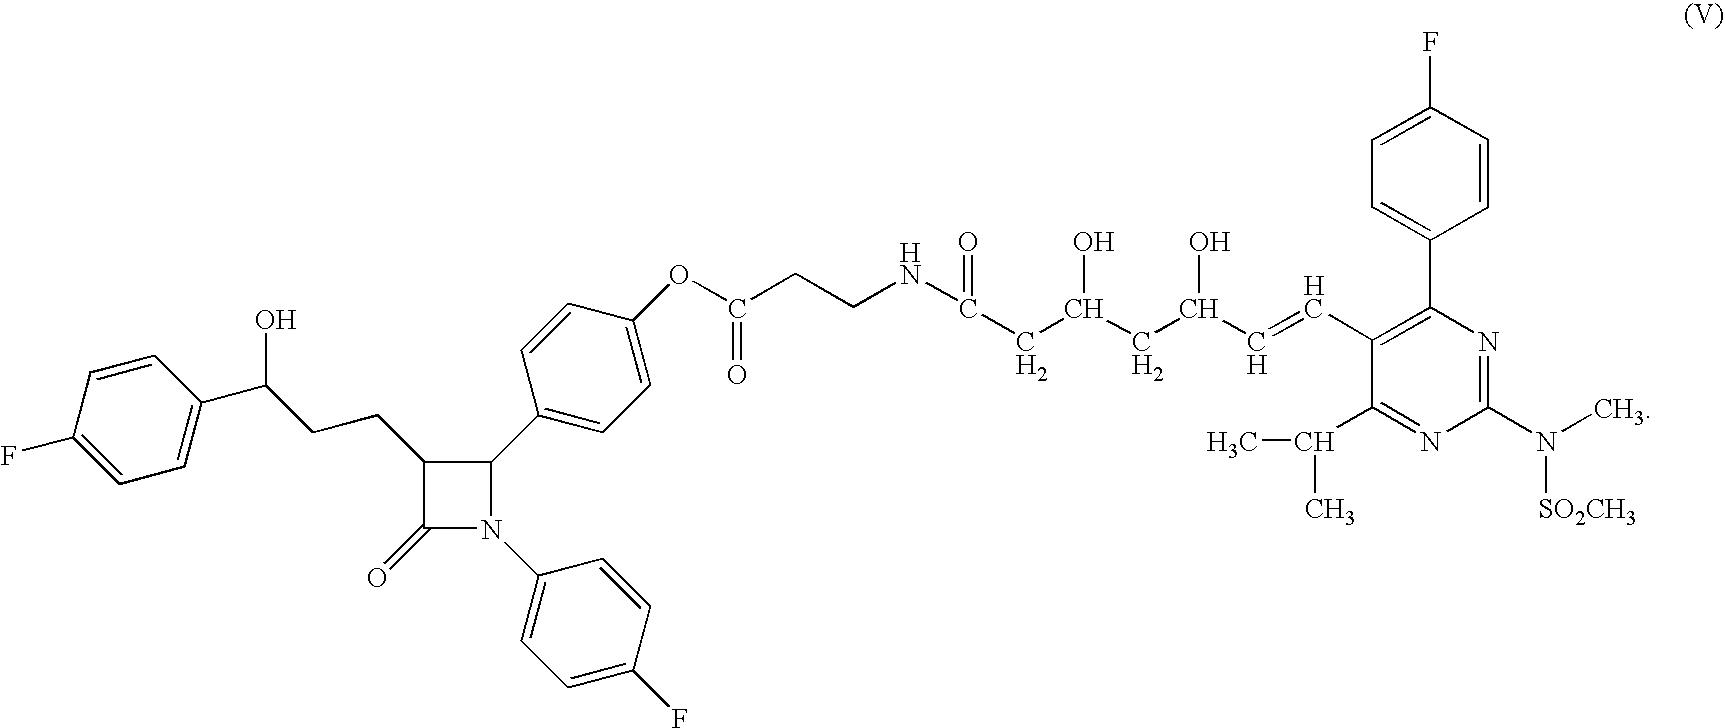 Figure US07741289-20100622-C00018